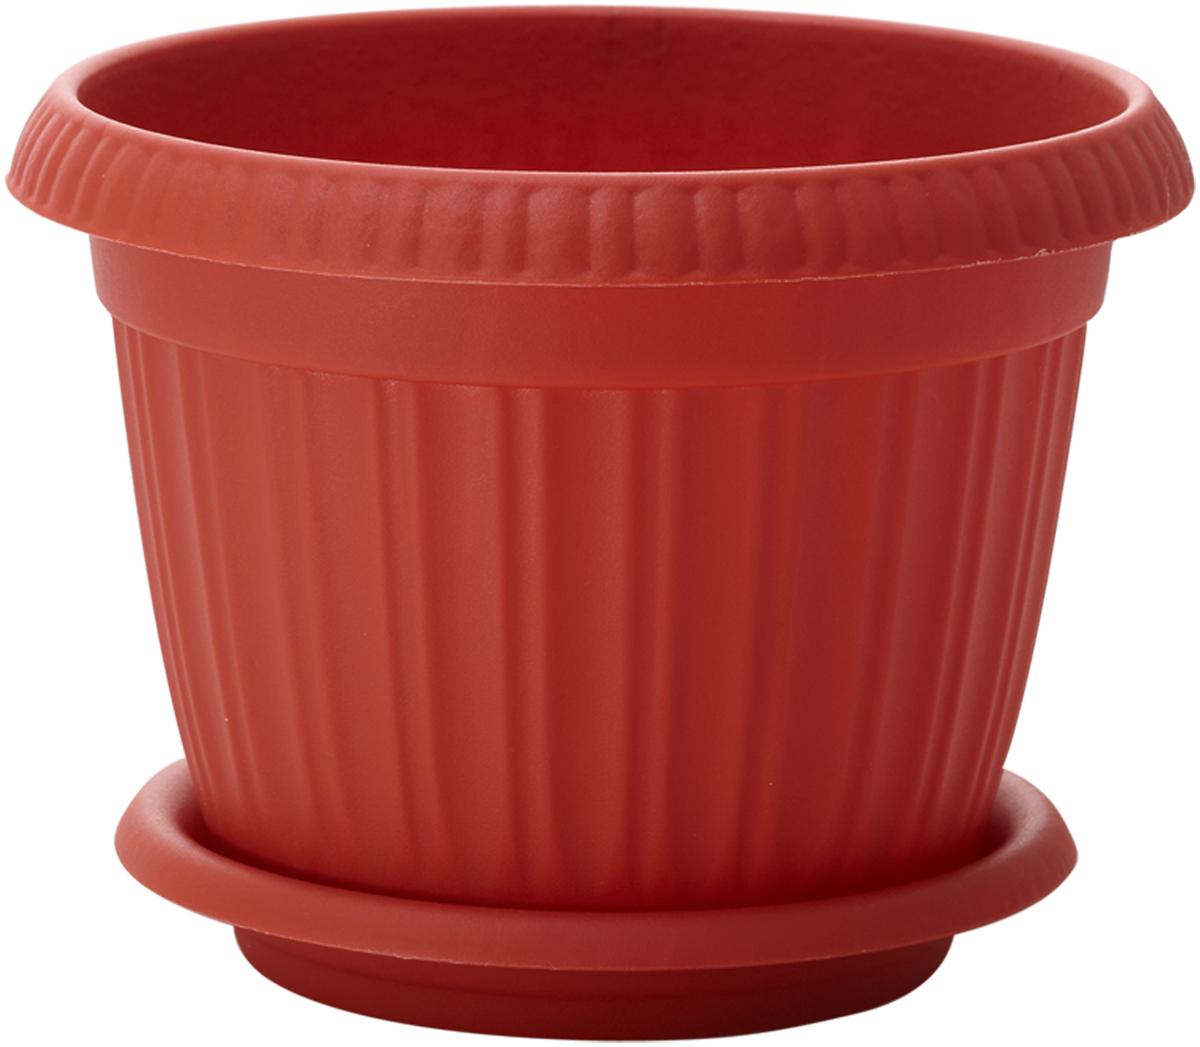 Горшок для цветов InGreen Таити, с подставкой, диаметр 20 см. ING41020FТРING41020FТРЛюбой, даже самый современный и продуманный интерьер будет не завершённым без растений. Они не только очищают воздух и насыщают его кислородом, но и заметно украшают окружающее пространство. Такому полезному &laquo члену семьи&raquoпросто необходимо красивое и функциональное кашпо, оригинальный горшок или необычная ваза! Мы предлагаем - Горшок для цветов 1,7 л, d=20 см Таити с подставкой, цвет терракотовый!Оптимальный выбор материала &mdash &nbsp пластмасса! Почему мы так считаем? Малый вес. С лёгкостью переносите горшки и кашпо с места на место, ставьте их на столики или полки, подвешивайте под потолок, не беспокоясь о нагрузке. Простота ухода. Пластиковые изделия не нуждаются в специальных условиях хранения. Их&nbsp легко чистить &mdashдостаточно просто сполоснуть тёплой водой. Никаких царапин. Пластиковые кашпо не царапают и не загрязняют поверхности, на которых стоят. Пластик дольше хранит влагу, а значит &mdashрастение реже нуждается в поливе. Пластмасса не пропускает воздух &mdashкорневой системе растения не грозят резкие перепады температур. Огромный выбор форм, декора и расцветок &mdashвы без труда подберёте что-то, что идеально впишется в уже существующий интерьер.Соблюдая нехитрые правила ухода, вы можете заметно продлить срок службы горшков, вазонов и кашпо из пластика: всегда учитывайте размер кроны и корневой системы растения (при разрастании большое растение способно повредить маленький горшок)берегите изделие от воздействия прямых солнечных лучей, чтобы кашпо и горшки не выцветалидержите кашпо и горшки из пластика подальше от нагревающихся поверхностей.Создавайте прекрасные цветочные композиции, выращивайте рассаду или необычные растения, а низкие цены позволят вам не ограничивать себя в выборе.